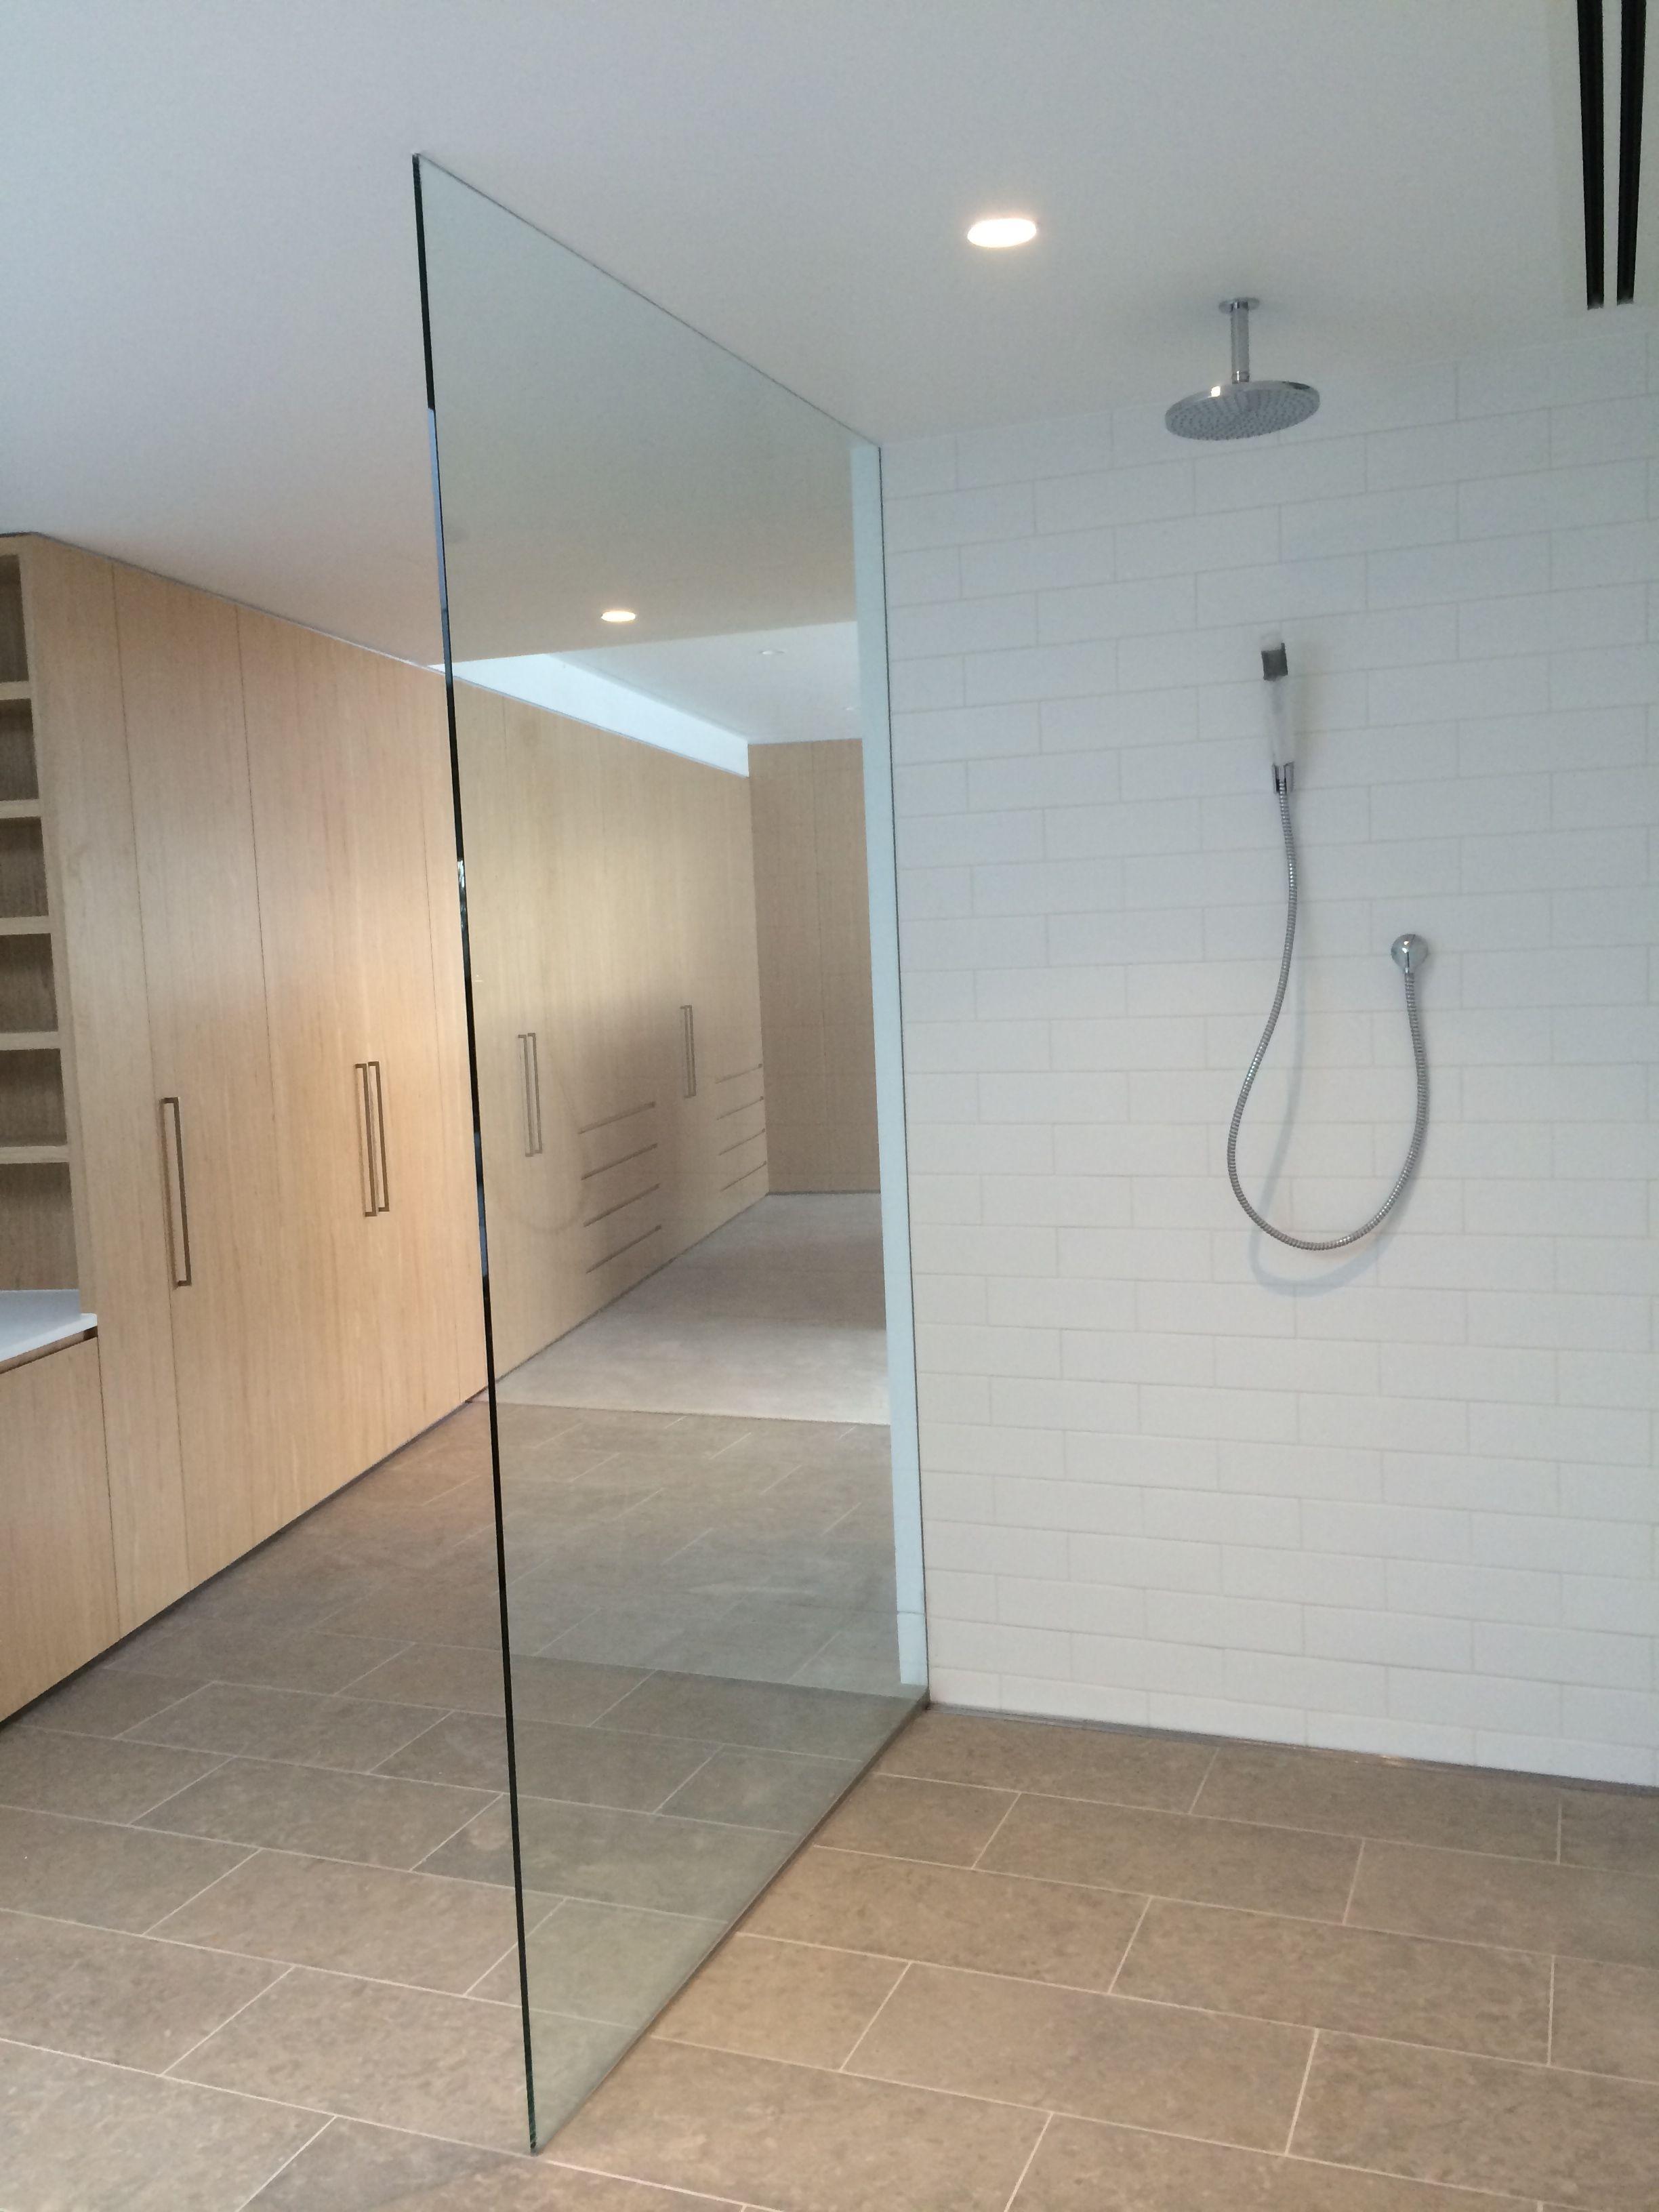 Beau Single Panel Floor To Ceiling Frameless Shower Screen